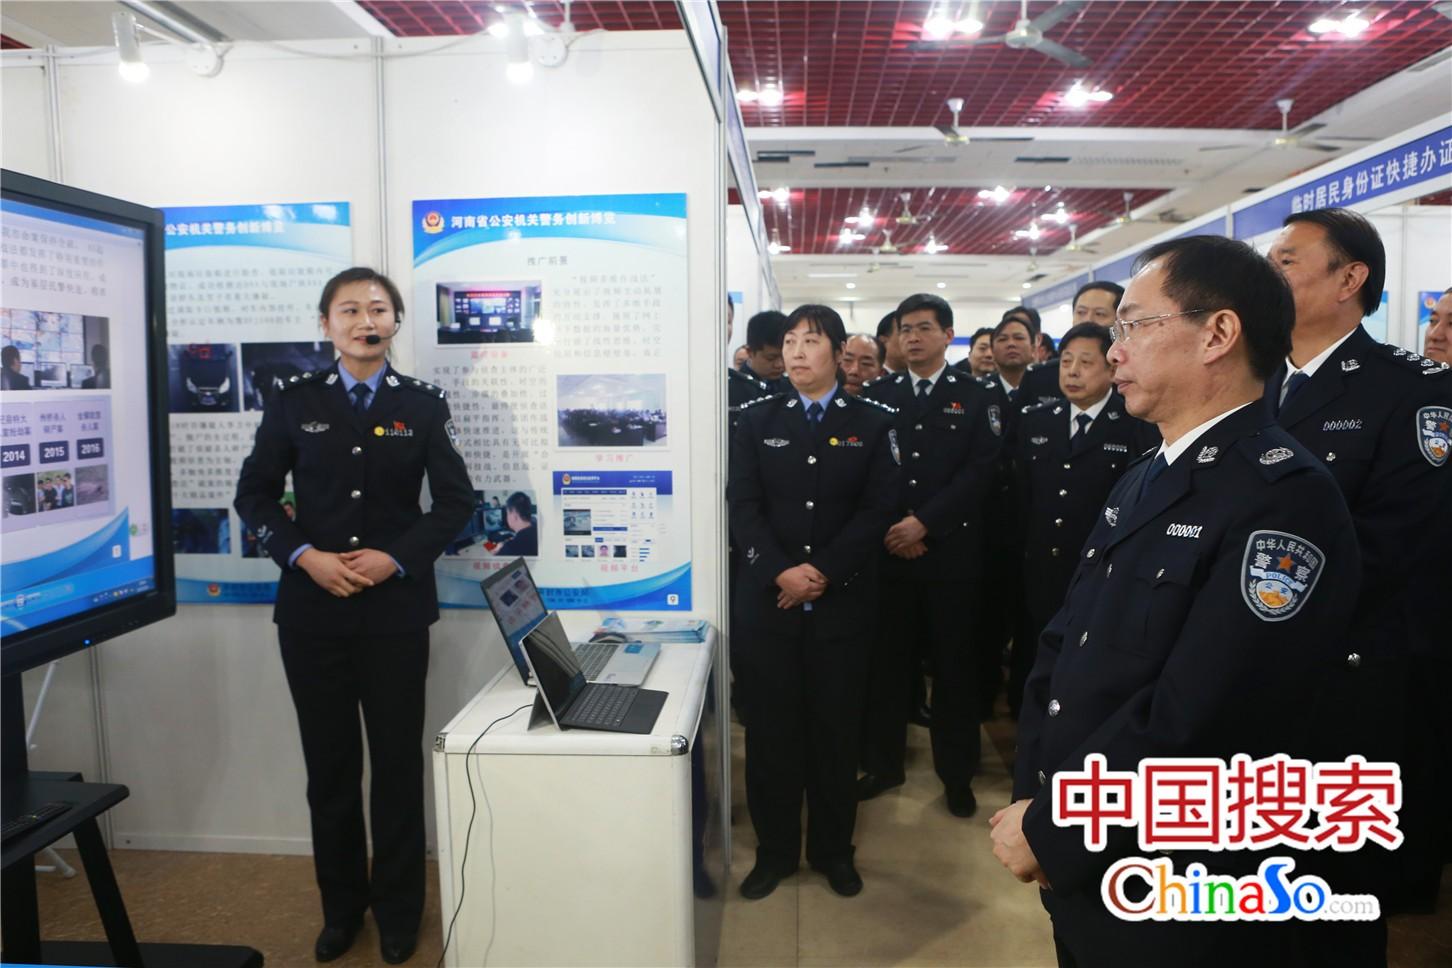 全省警务创新博览会在河南警察学院开幕